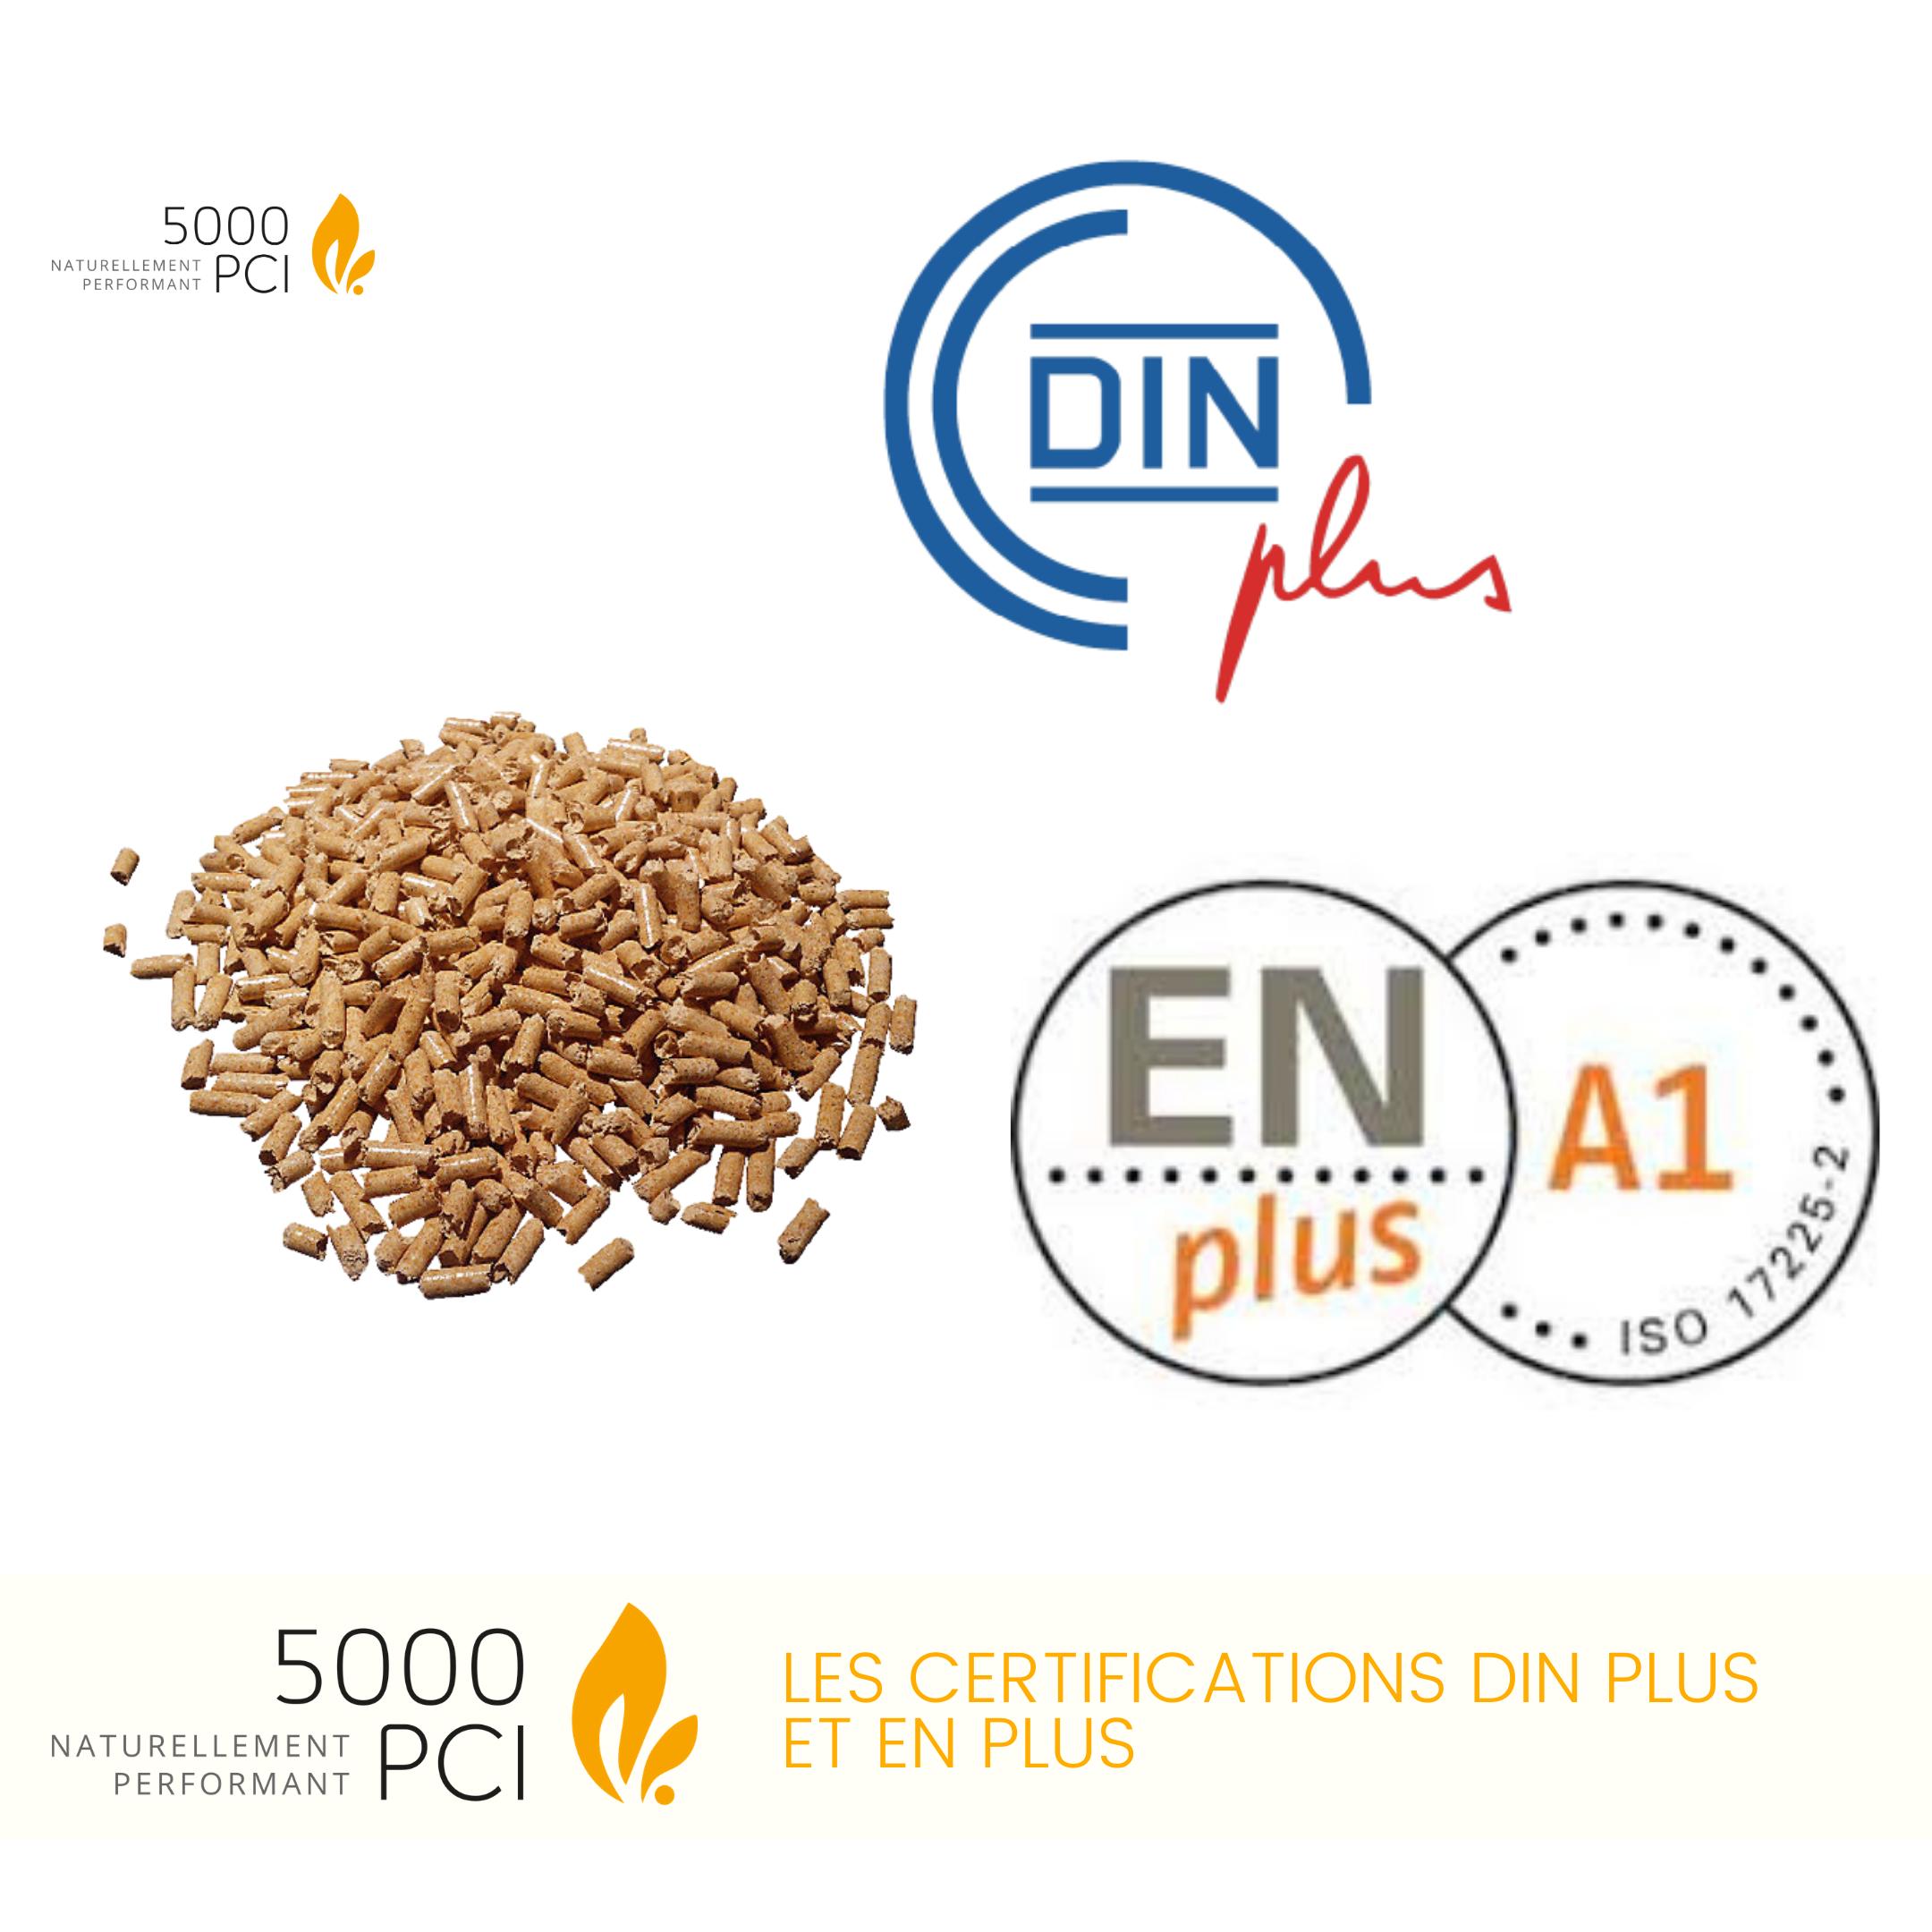 Certifications, bois, chauffage, pellets, granulés